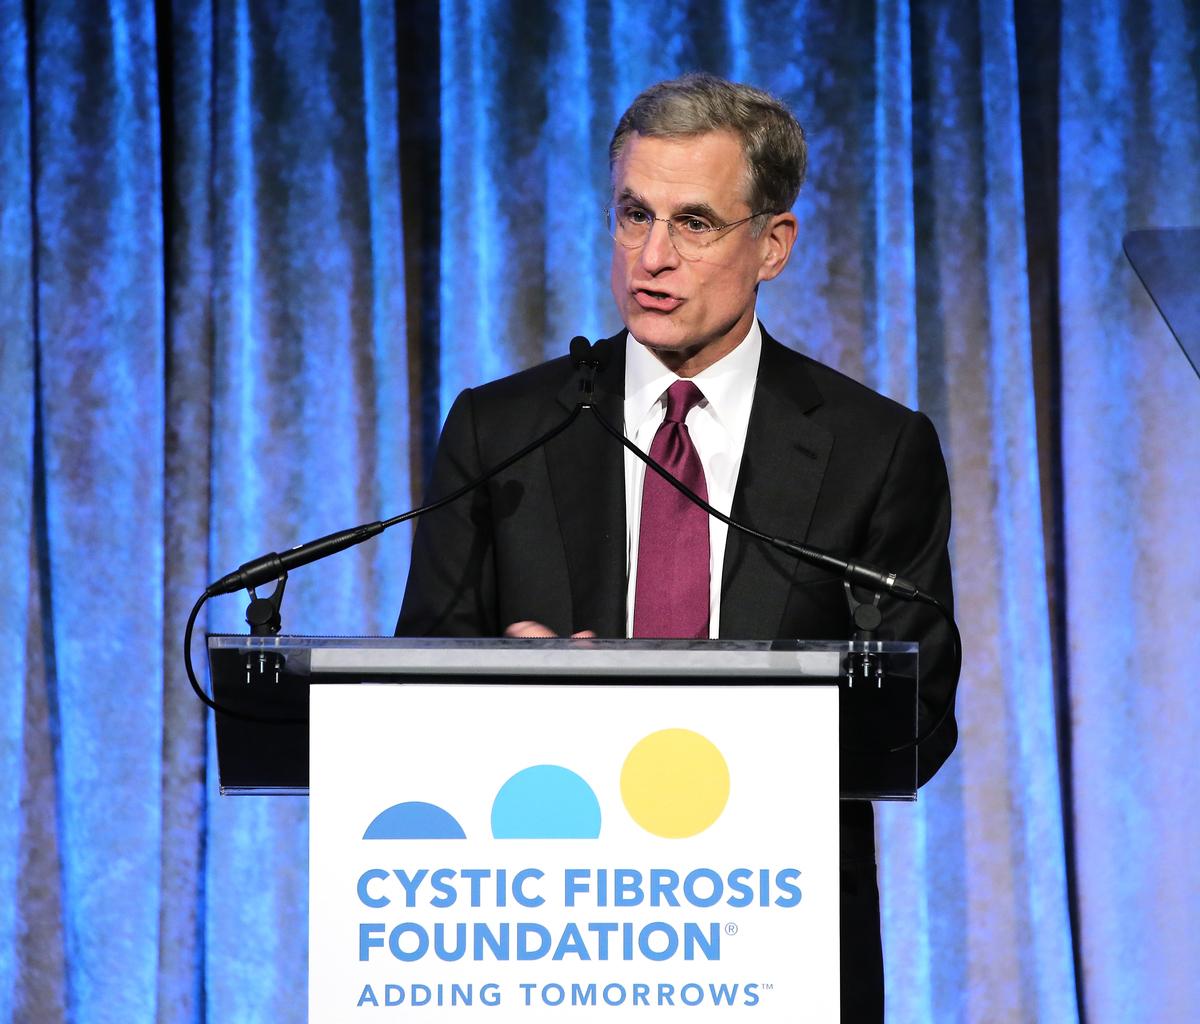 卡普蘭表示,不僅要解決美中赤字問題,還要考慮技術轉讓和知識產權,這對美國的競爭力,以及在全球(保持)長期競爭力至關重要。(Neilson Barnard/Getty Images for Cystic Fibrosis Foundation)